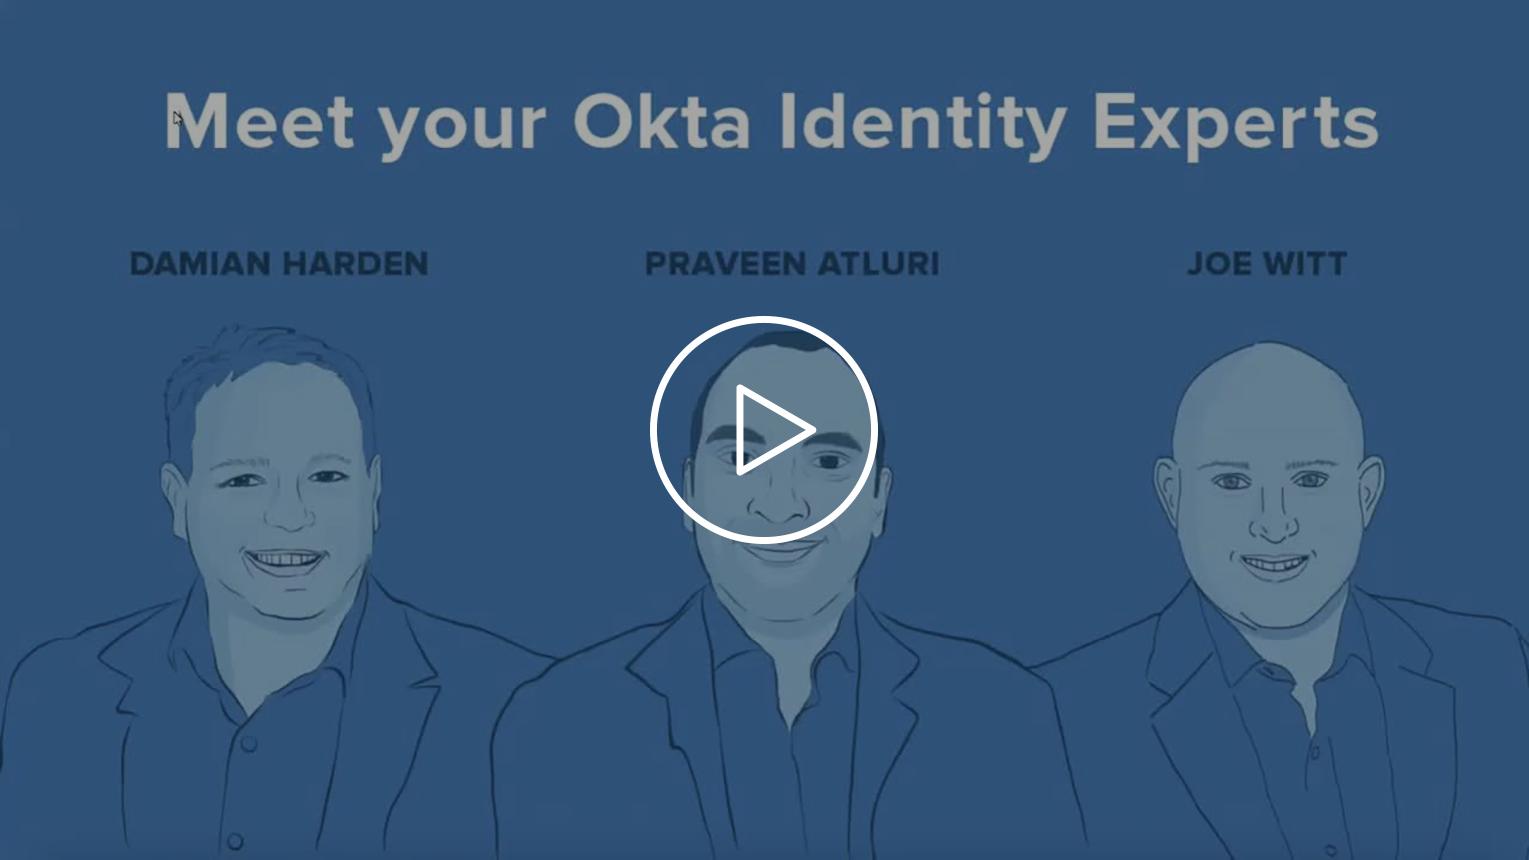 okta identity experts